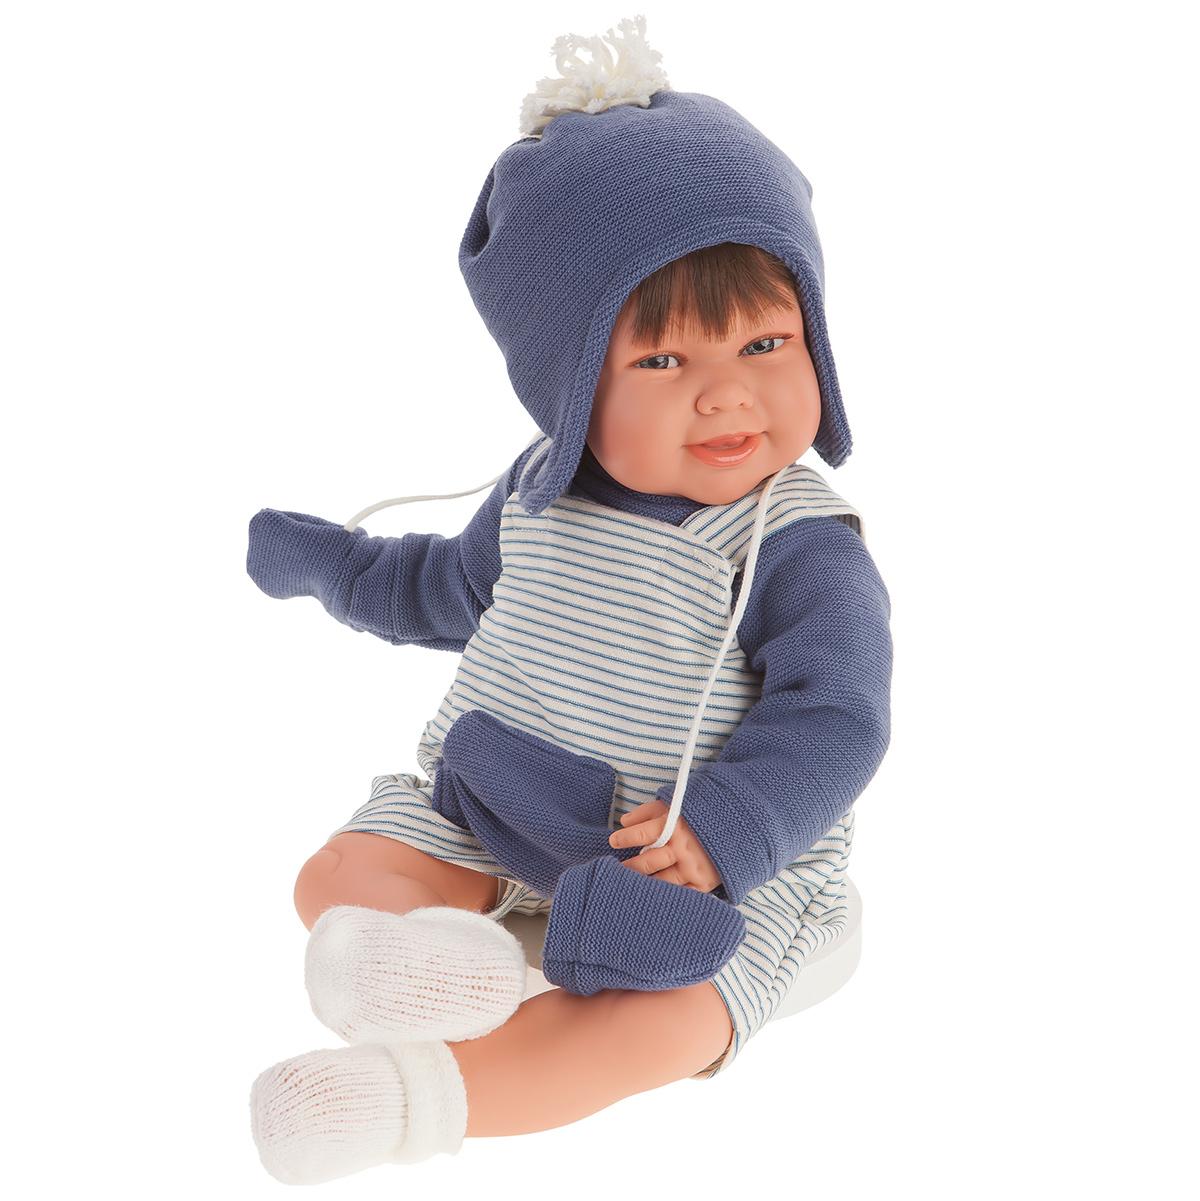 Купить 2005 Кукла Кристиан в голубом озвученная (мама, папа, смех), 52 см, Antonio Juan,